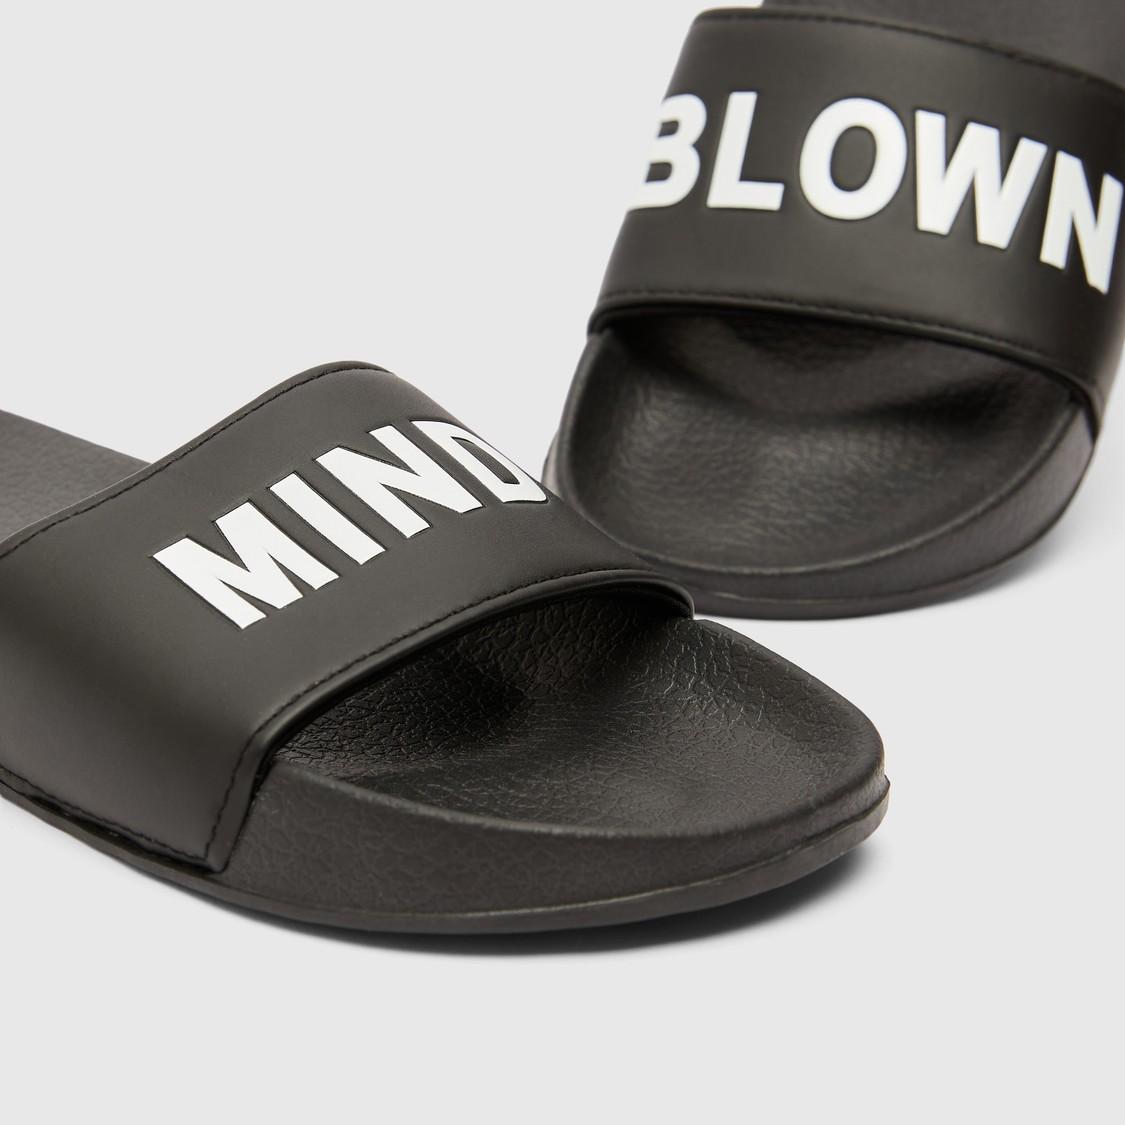 حذاء خفيف بطبعات نصية